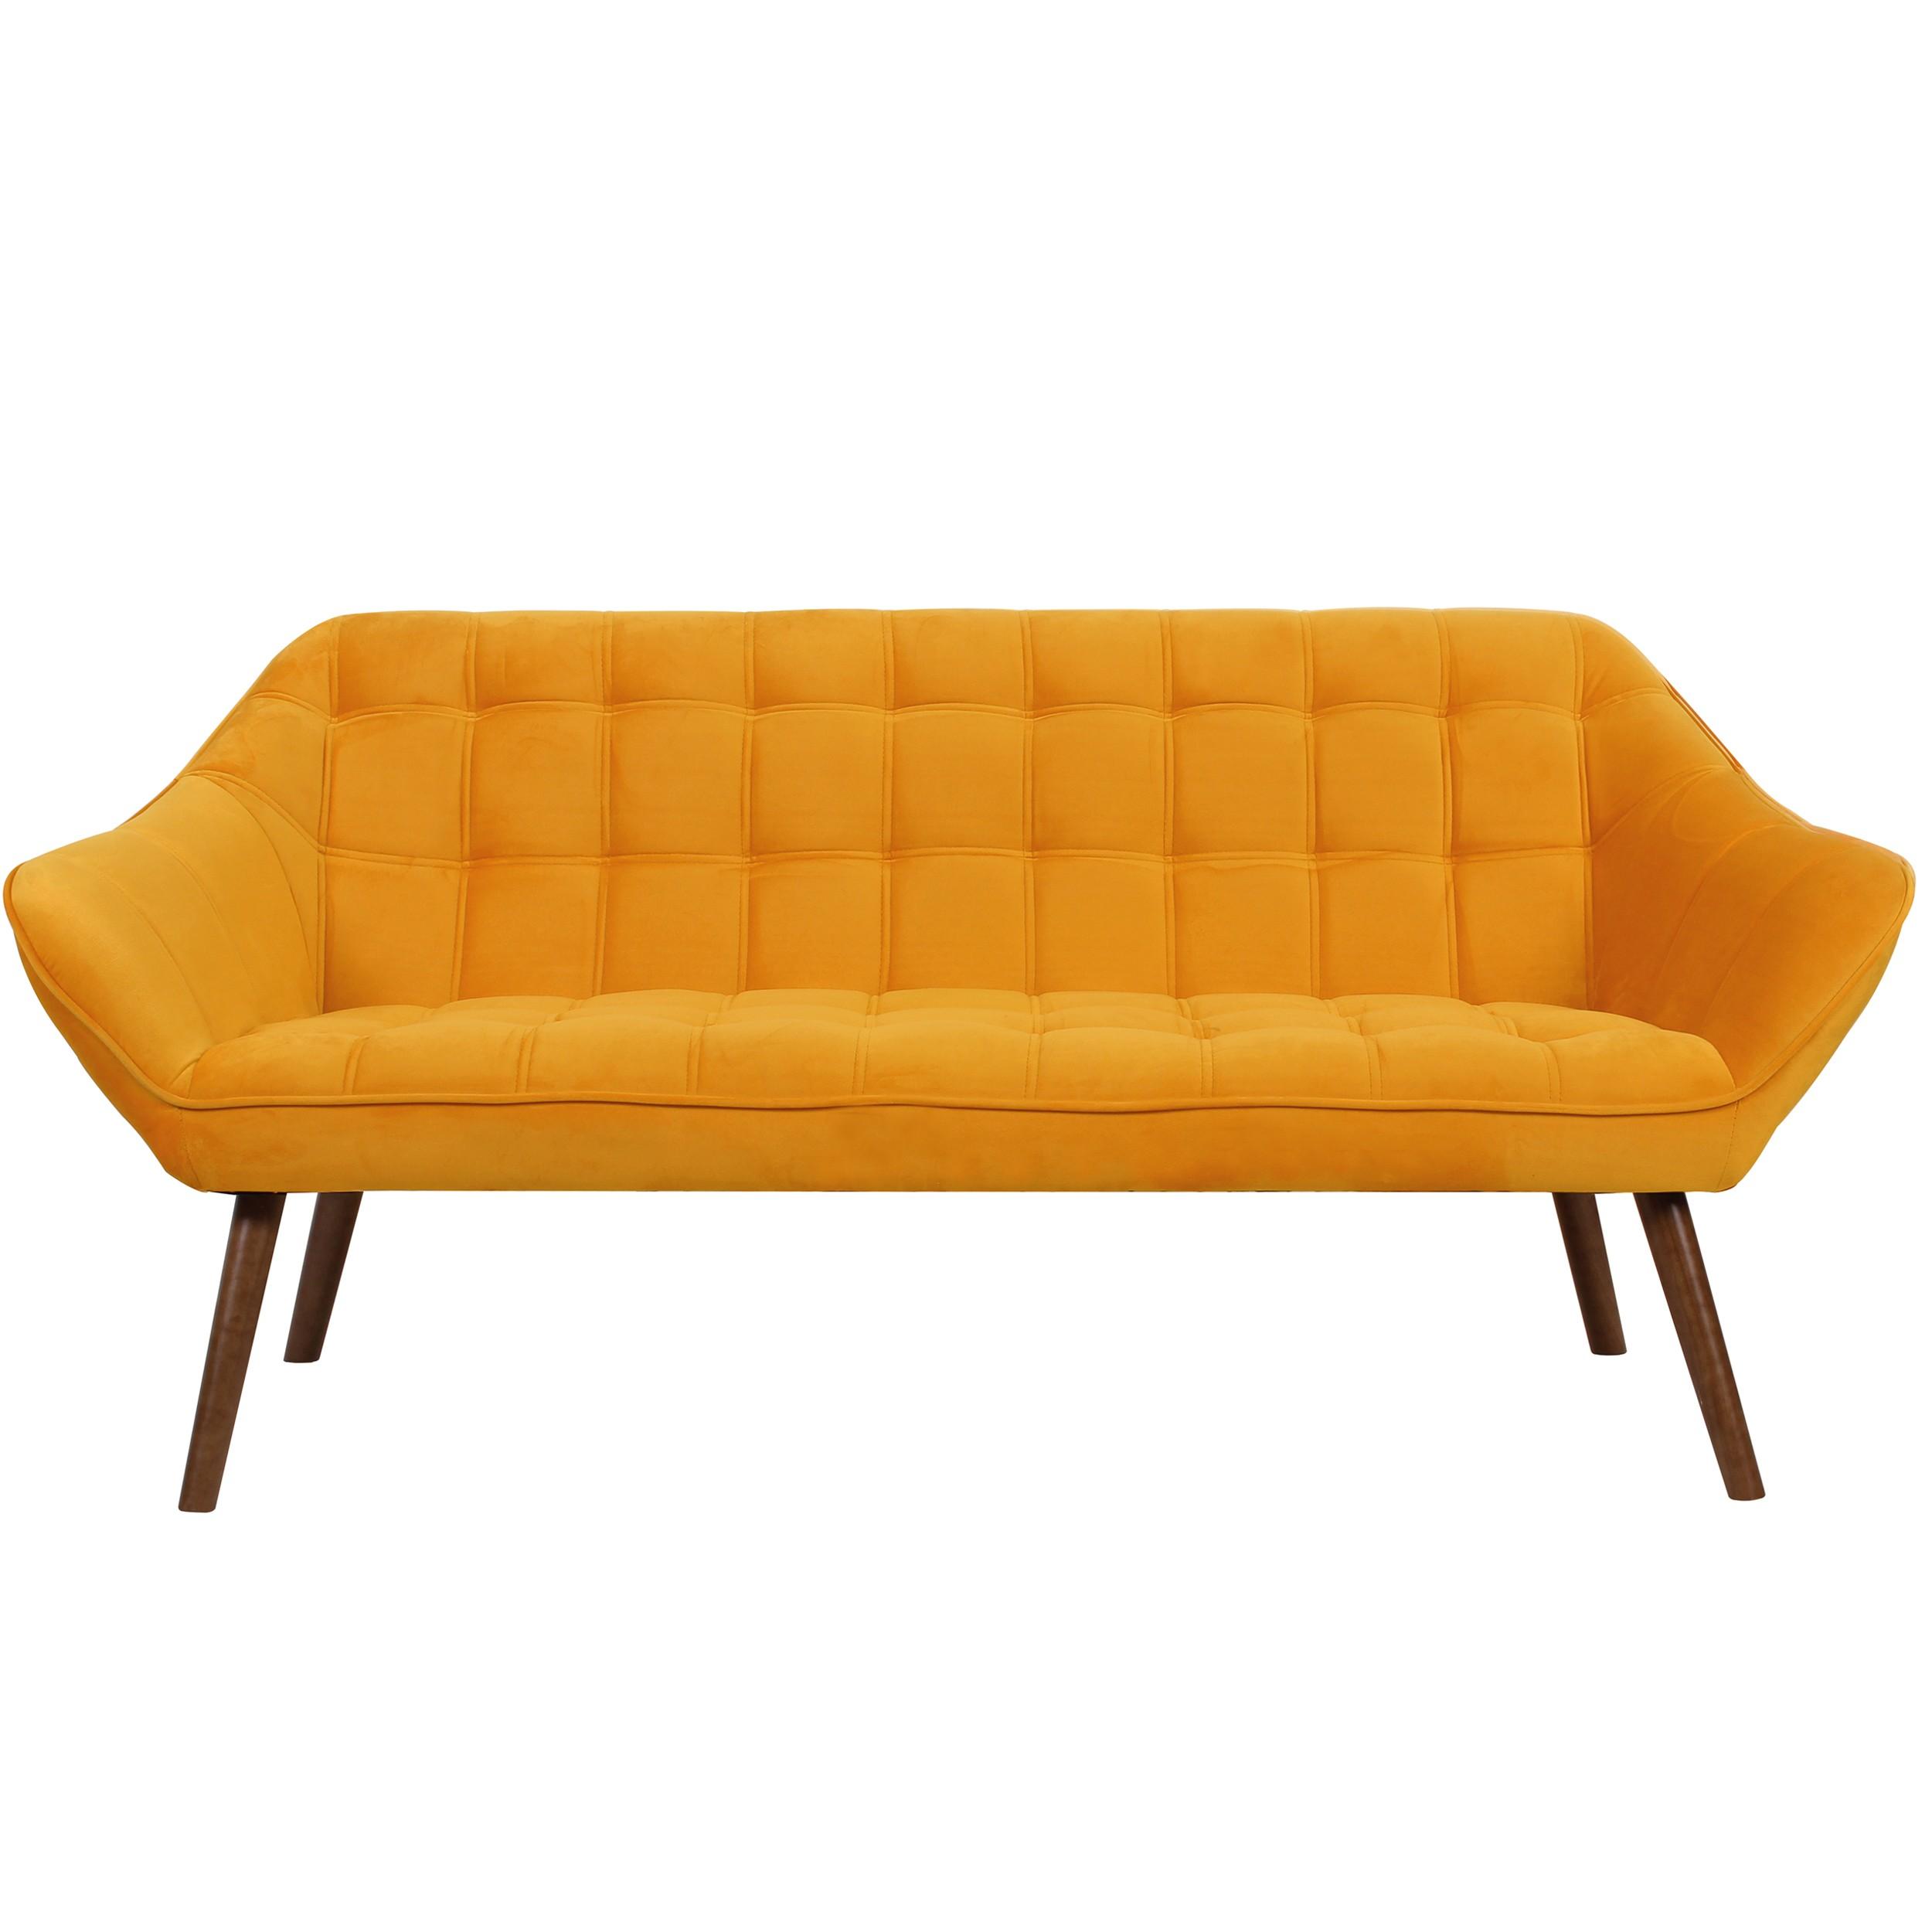 acheter canape 3 places jaune orange